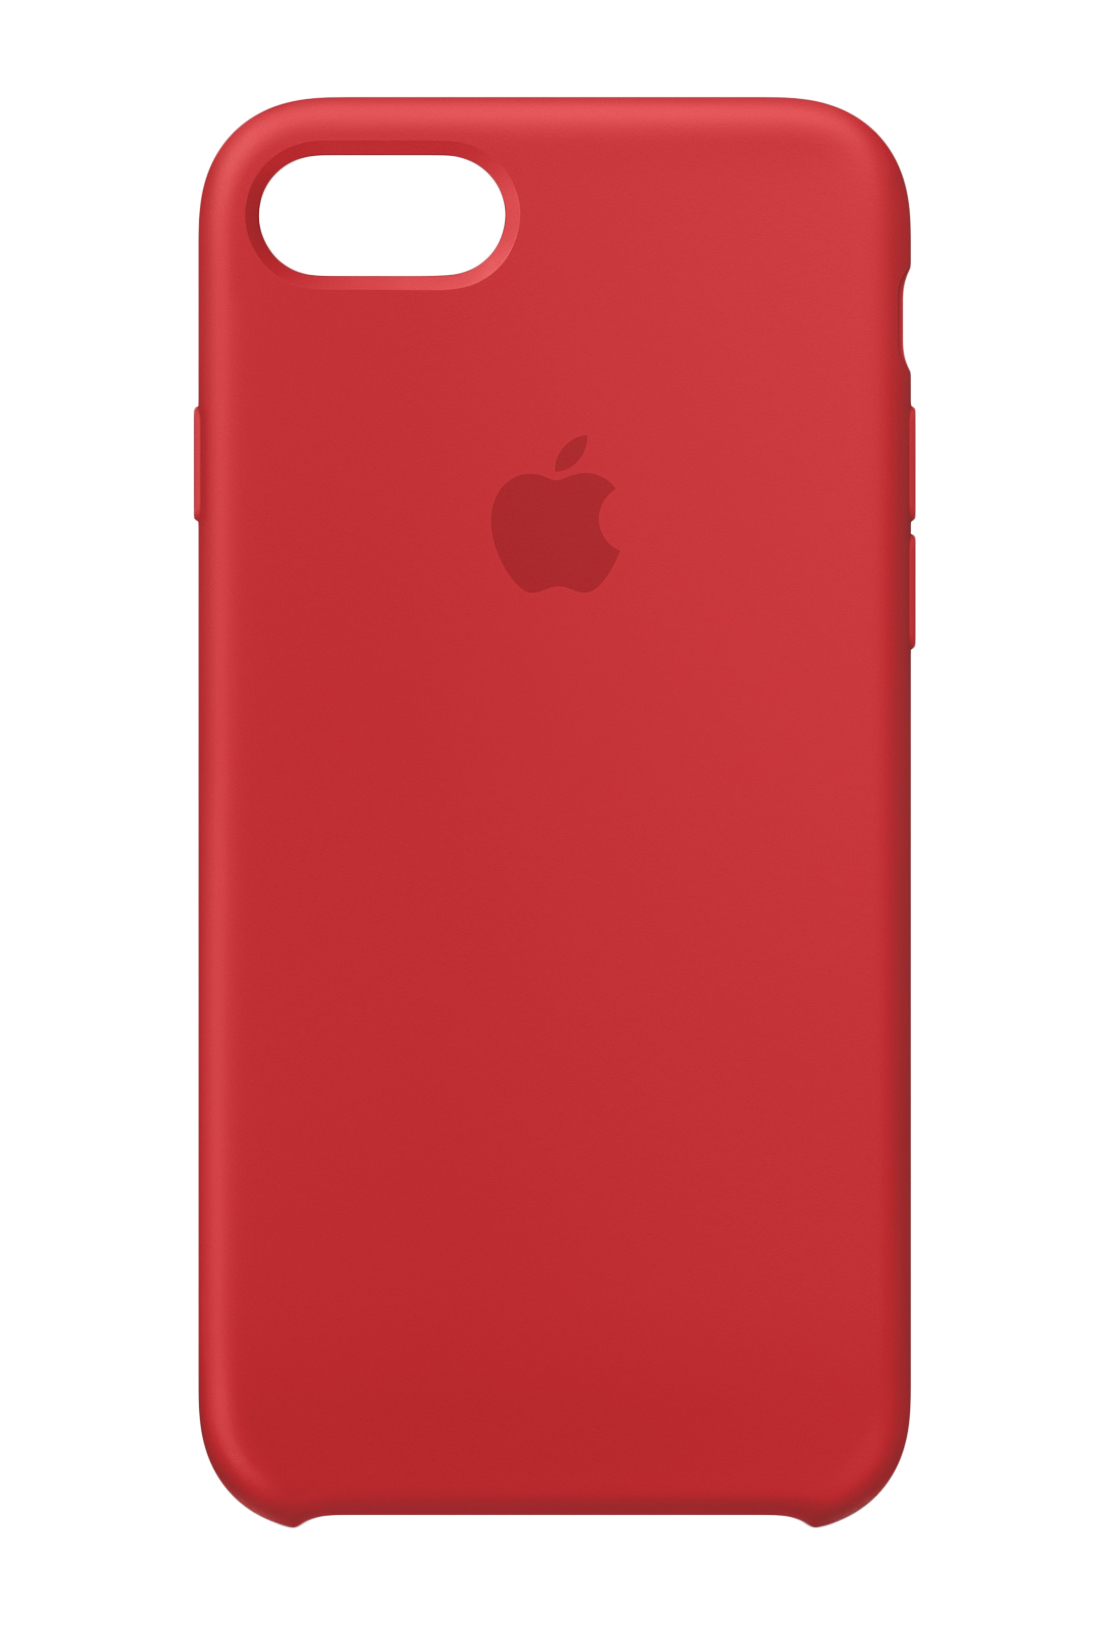 """Apple MQGP2ZM/A mobile phone case 11.9 cm (4.7"""") Skin case Red"""